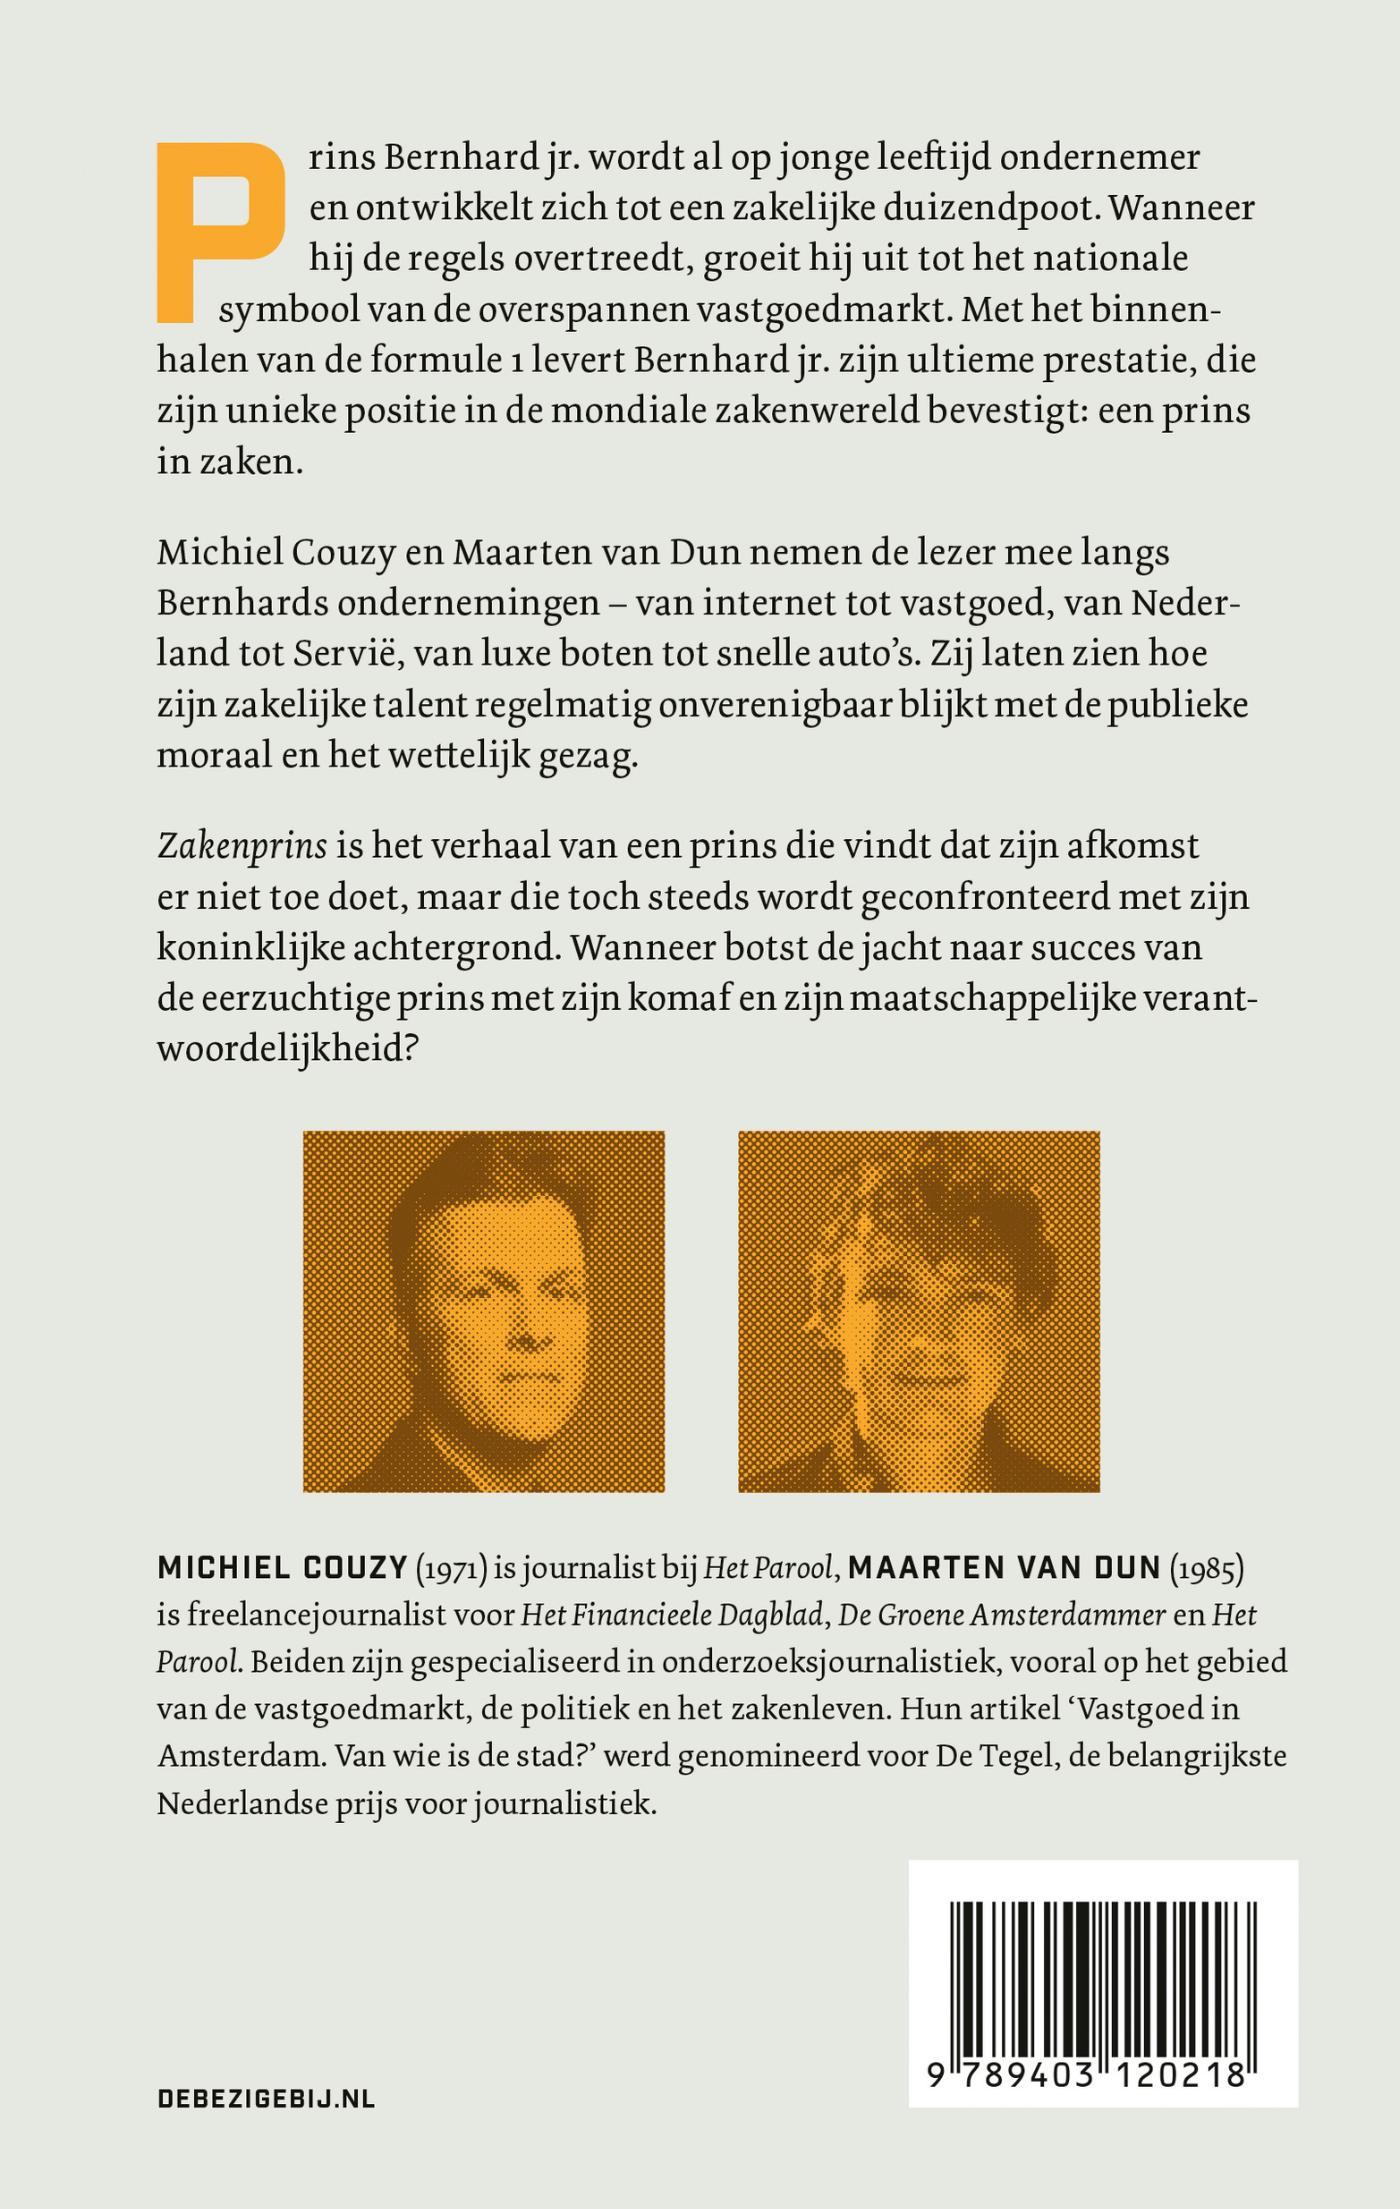 Michiel Couzy, Maarten van Dun,Zakenprins